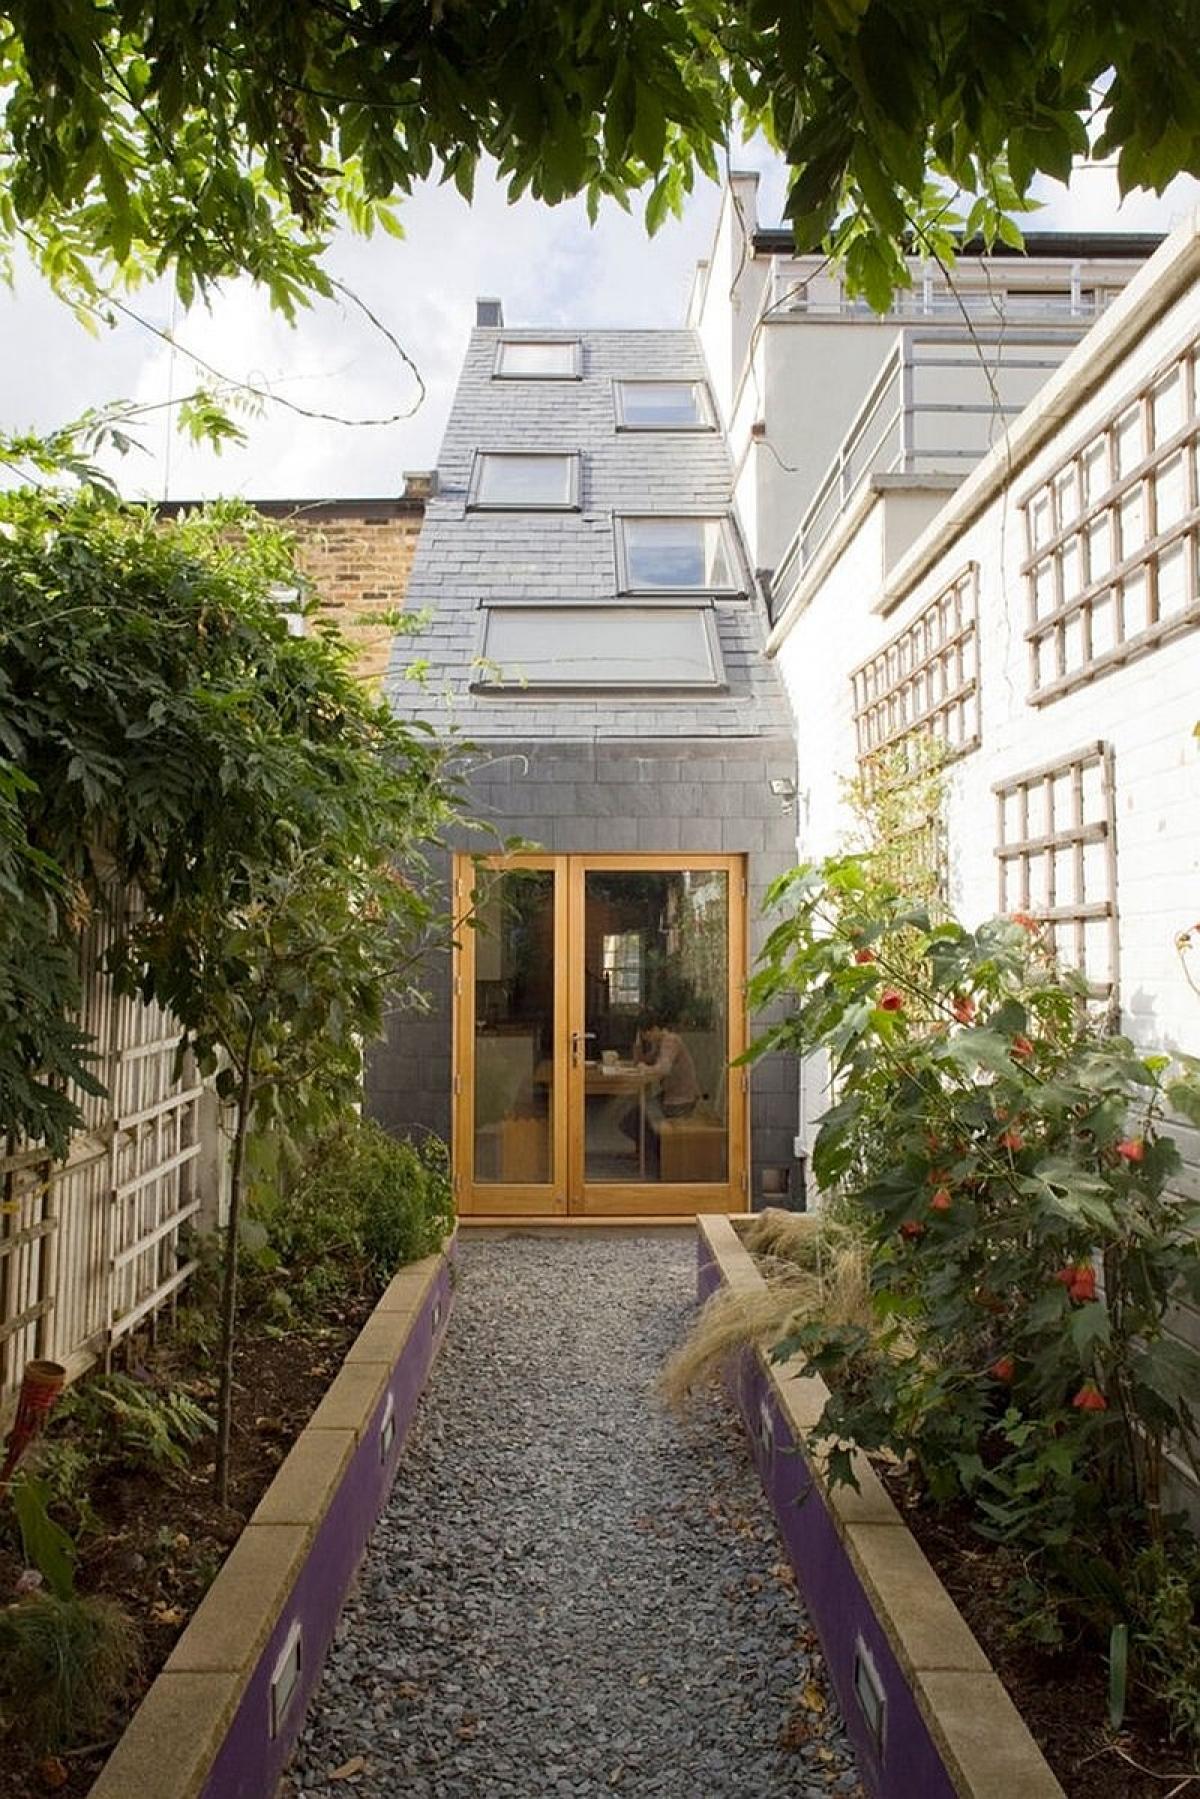 Nôi nhà rộng không quá 2,3 m2. Tuy nhiên bằng tài năng của nhà thiết kế vẫn biến nó trở thành một không gian sống tuyệt vời với đầy đủ các tiện nghi hiện đại.Với ngoại thất màu xám, cùng gỗ và trần dốc đã mang lại cho ngôi nhà vẻ cuốn hút.